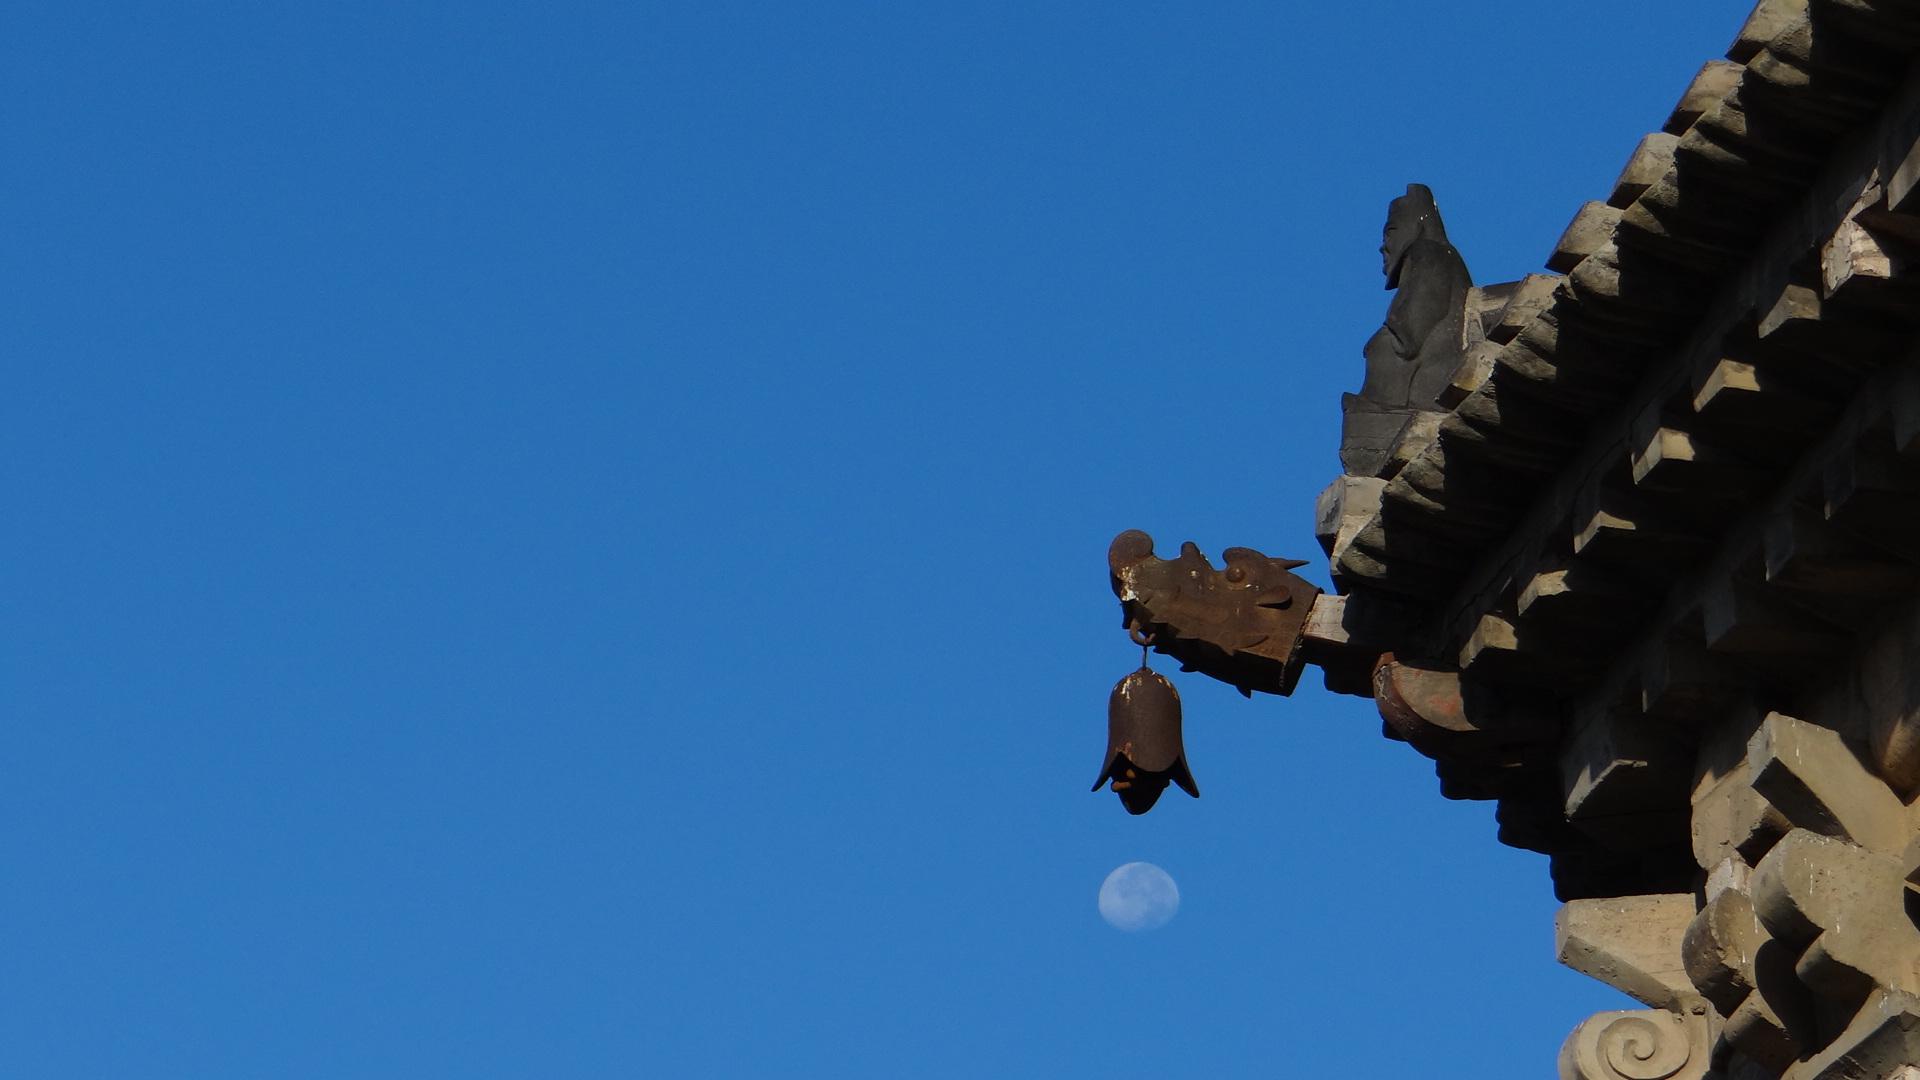 月亮之上.JPG